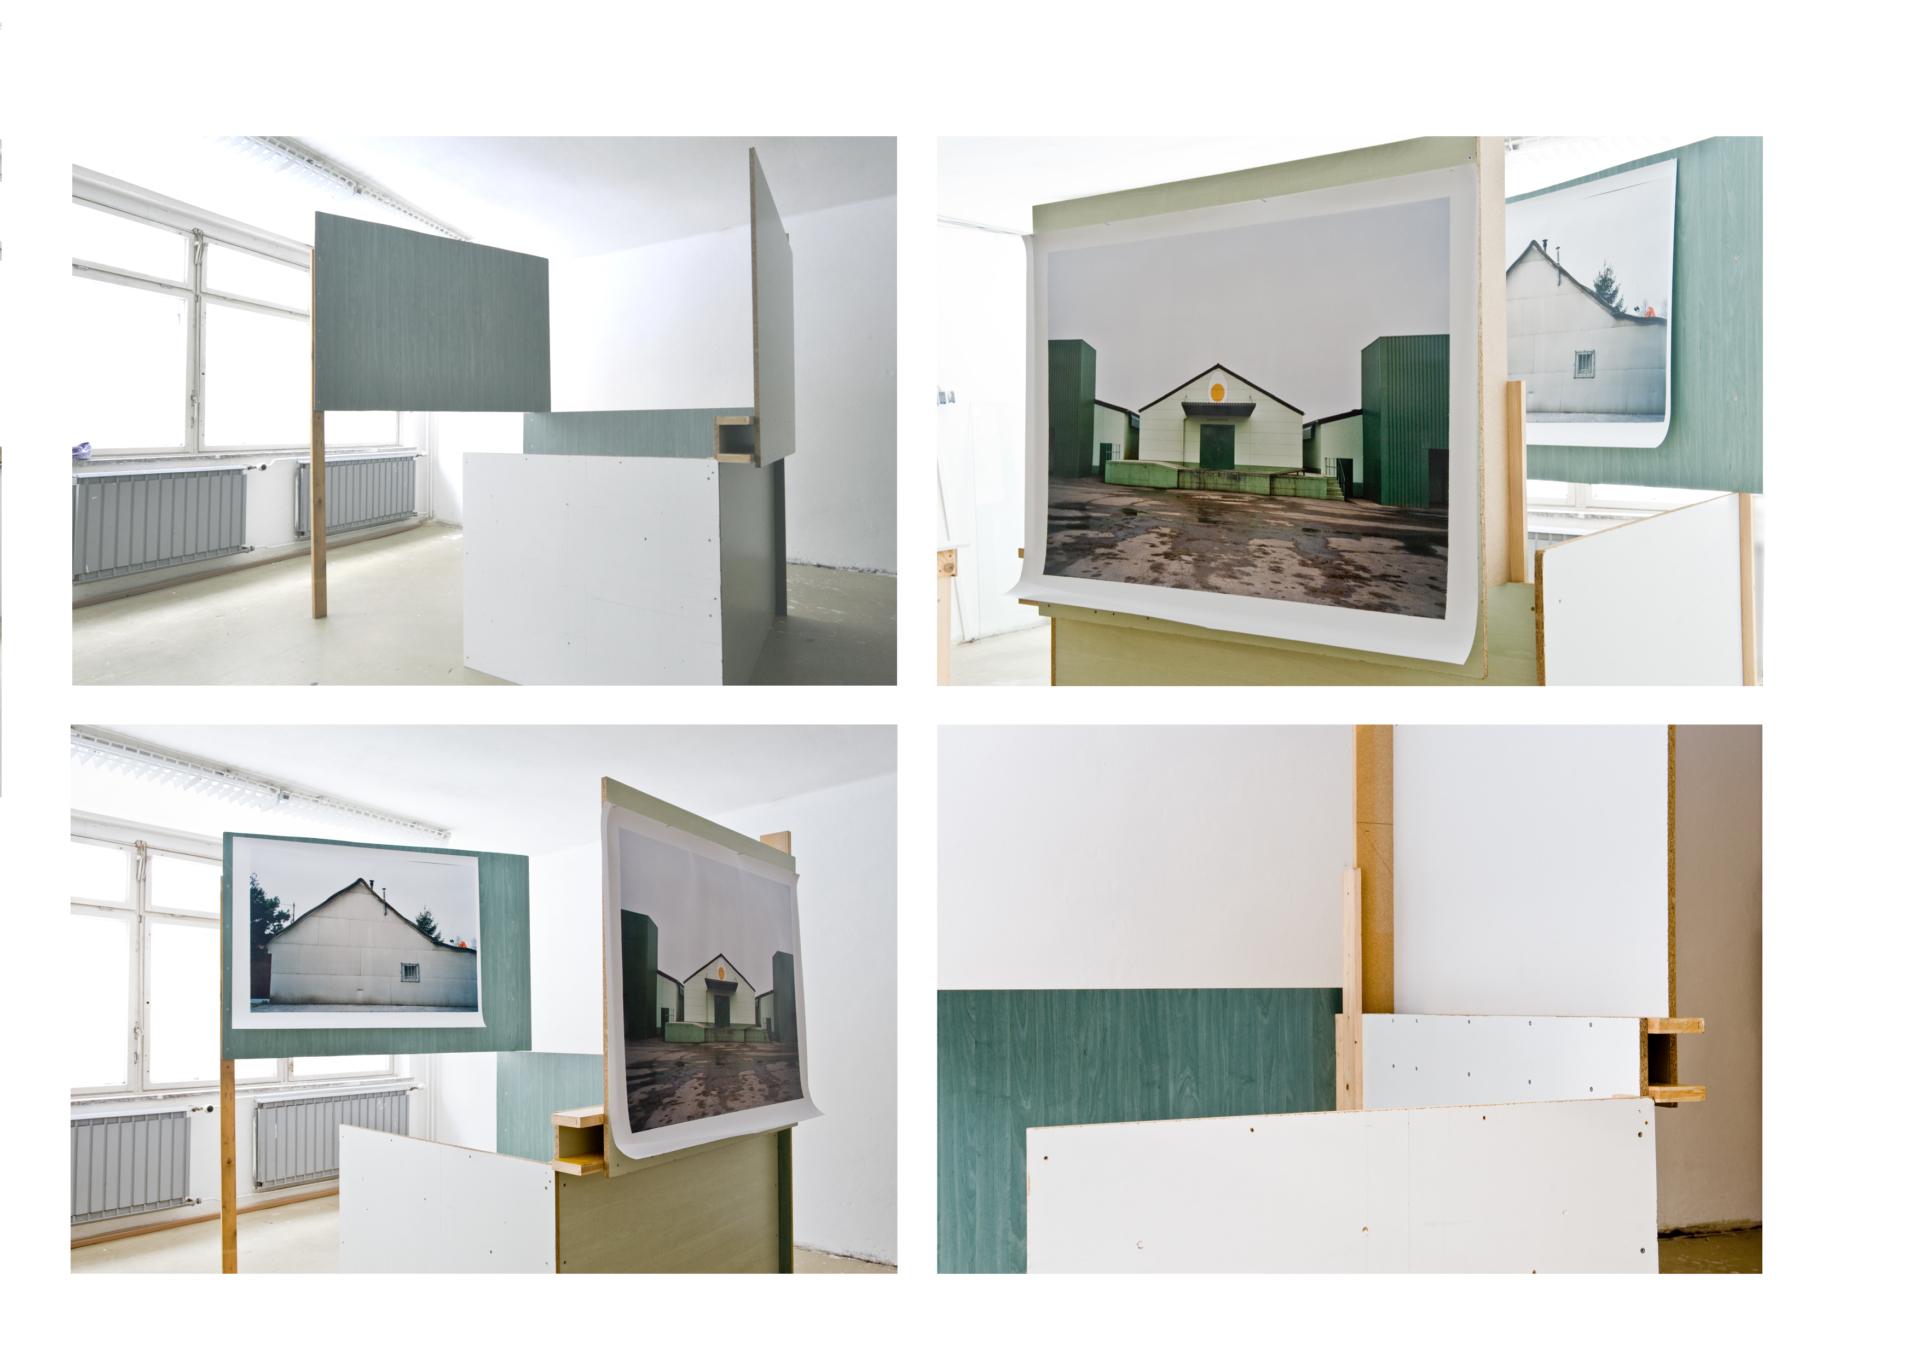 laboratorium haus 1 Heiko Wennesz installation-die konstruktion-konstrukte